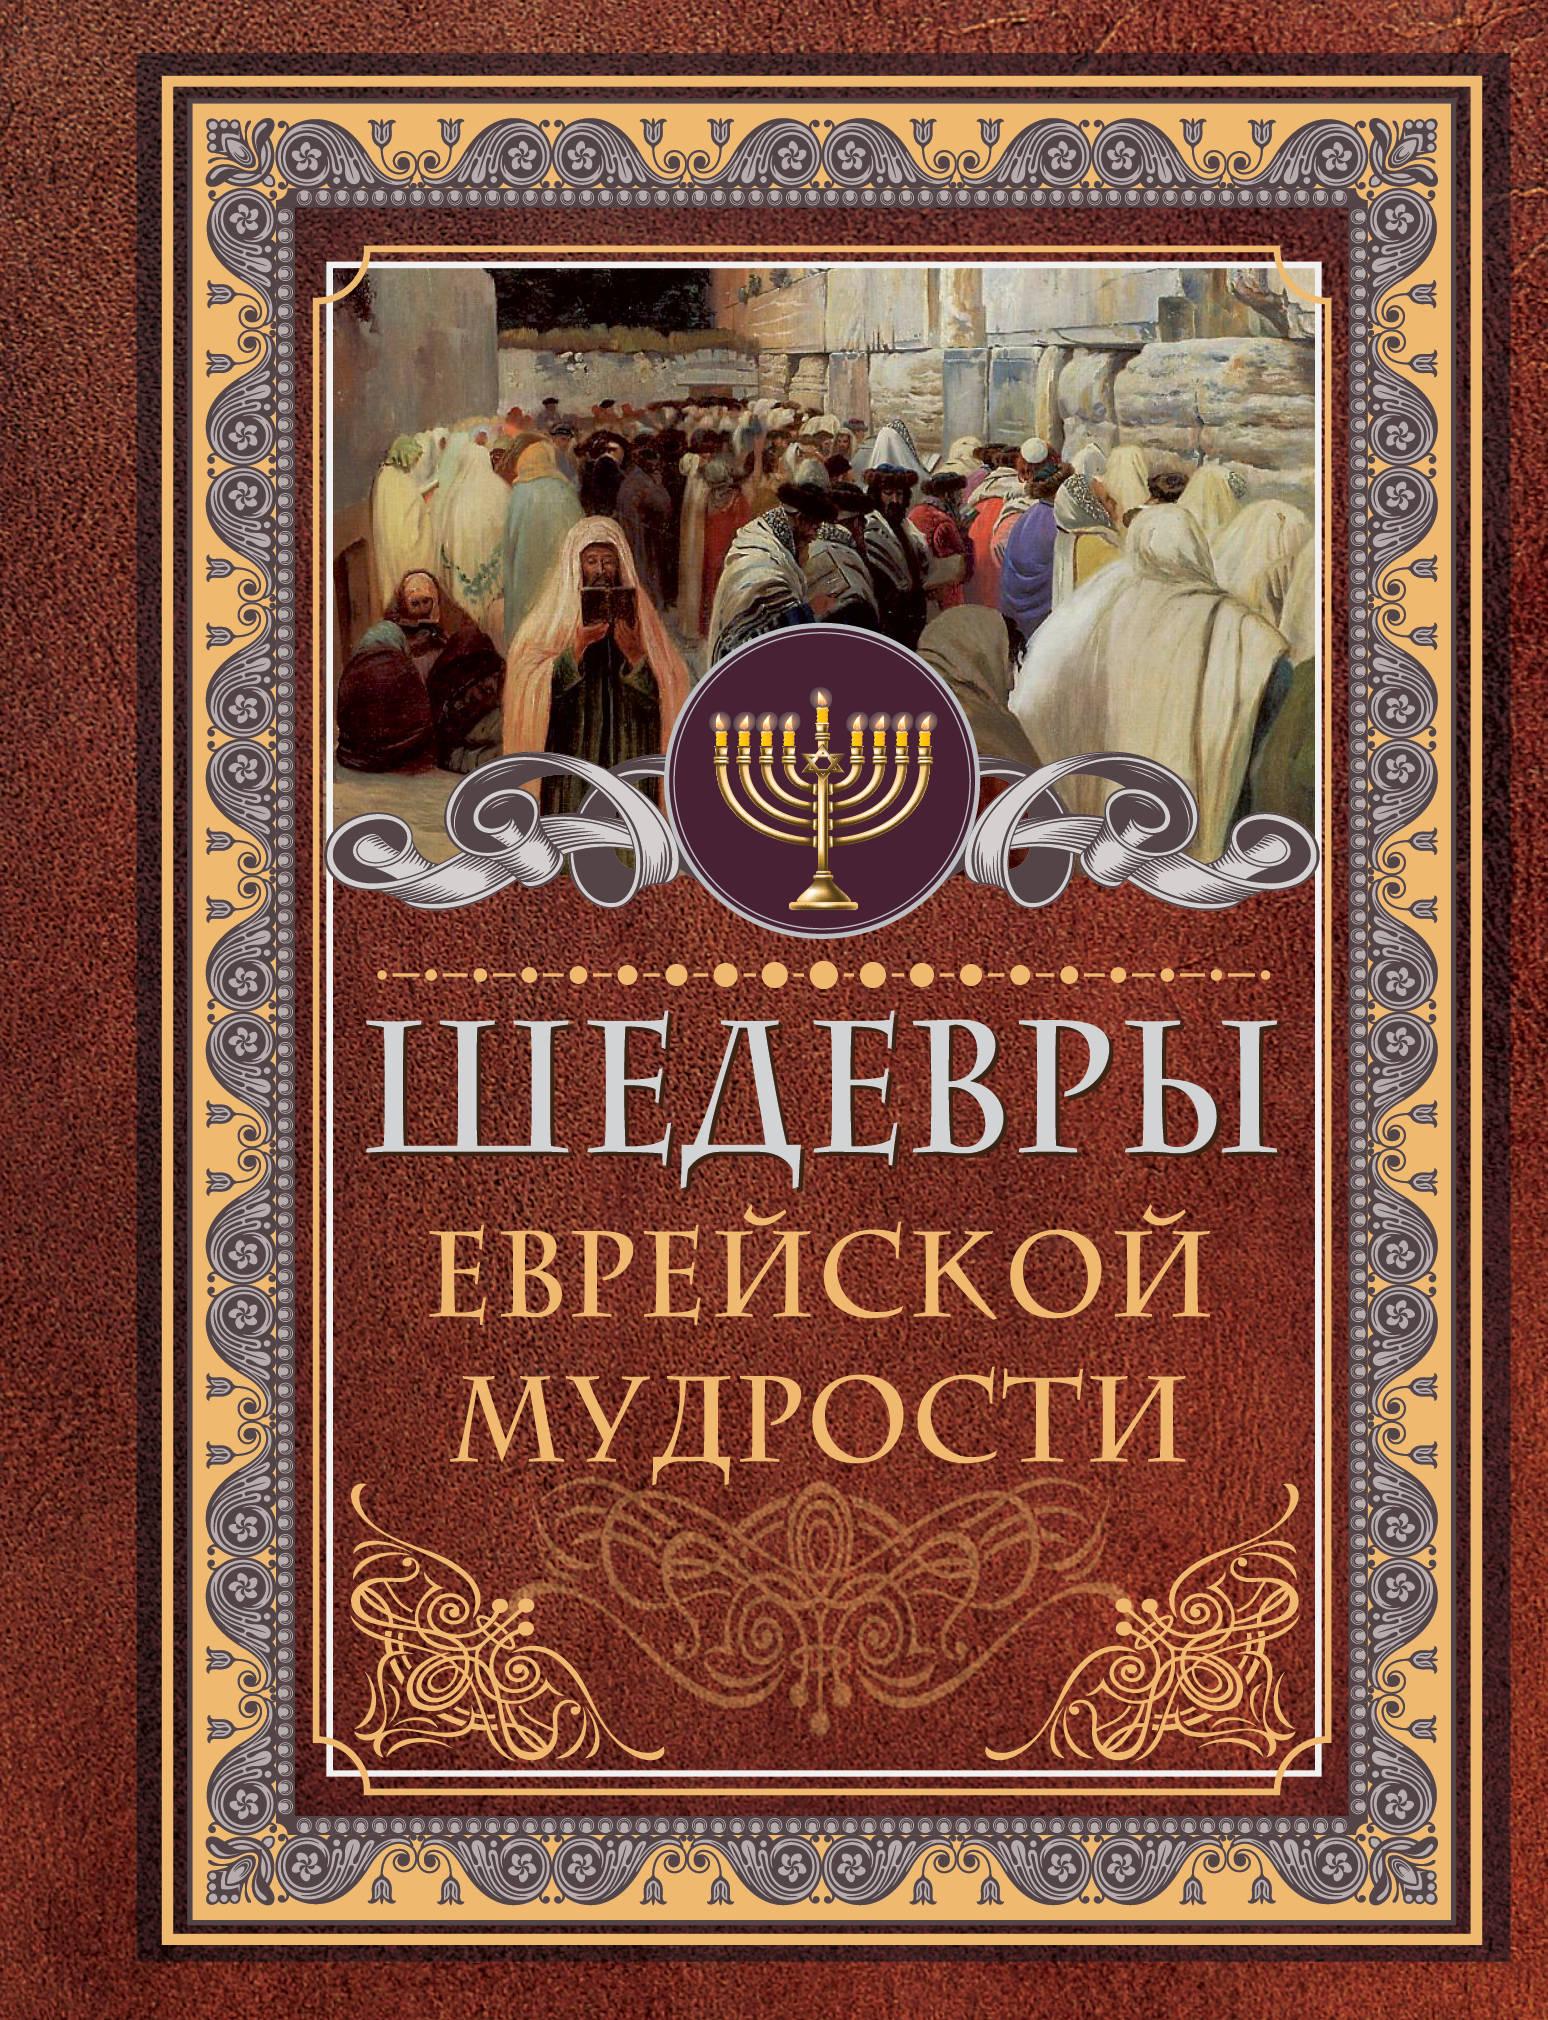 Шедевры еврейской мудрости ( Ашкенази Исраэль  )